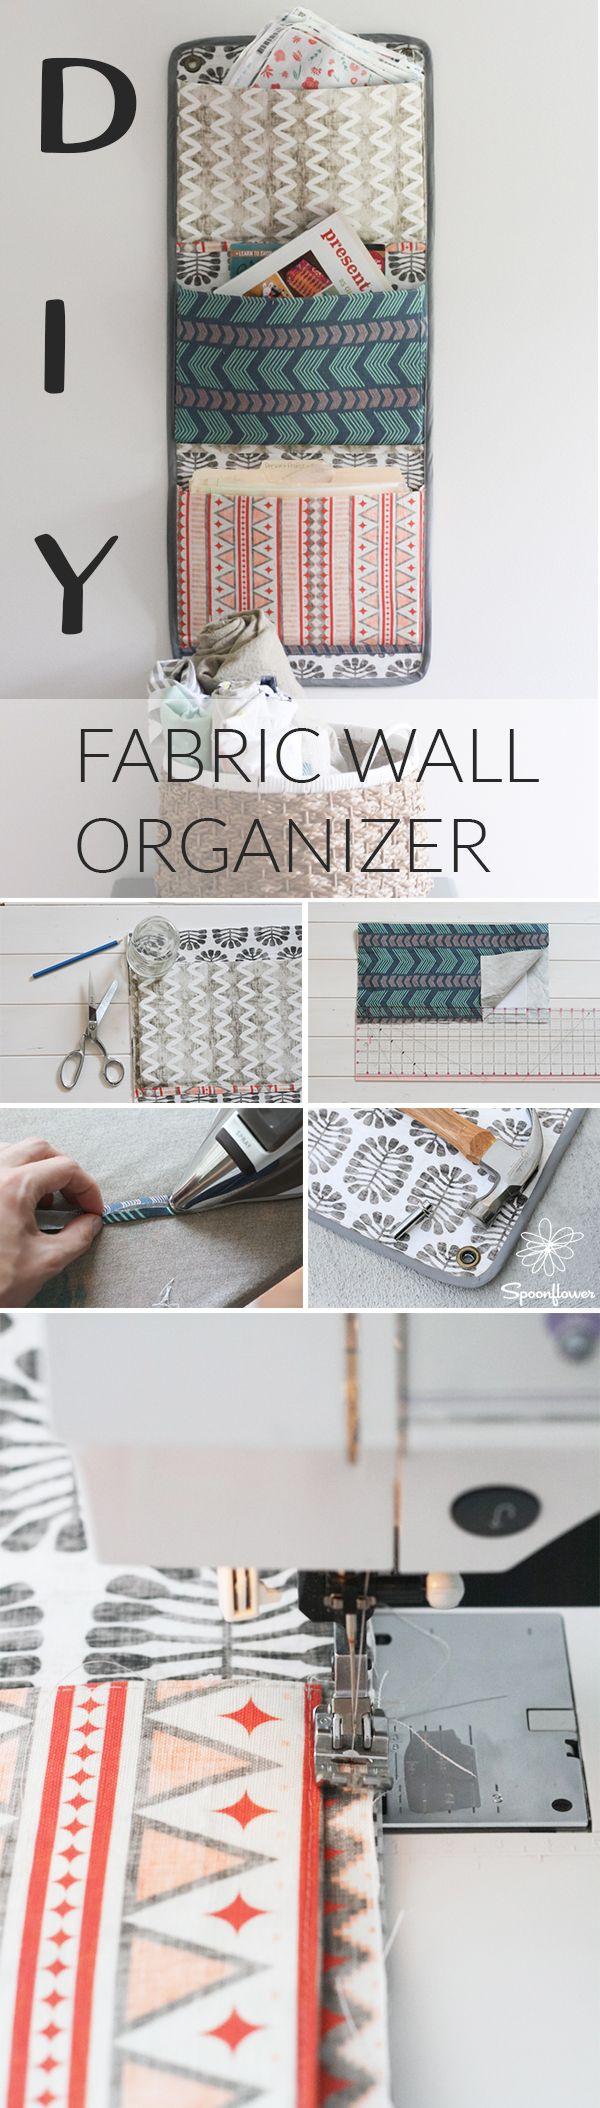 Diy Fabric Wall Organizer Wall Organizer Diy Organize Fabric Fabric Wall Simple disassembly room divider